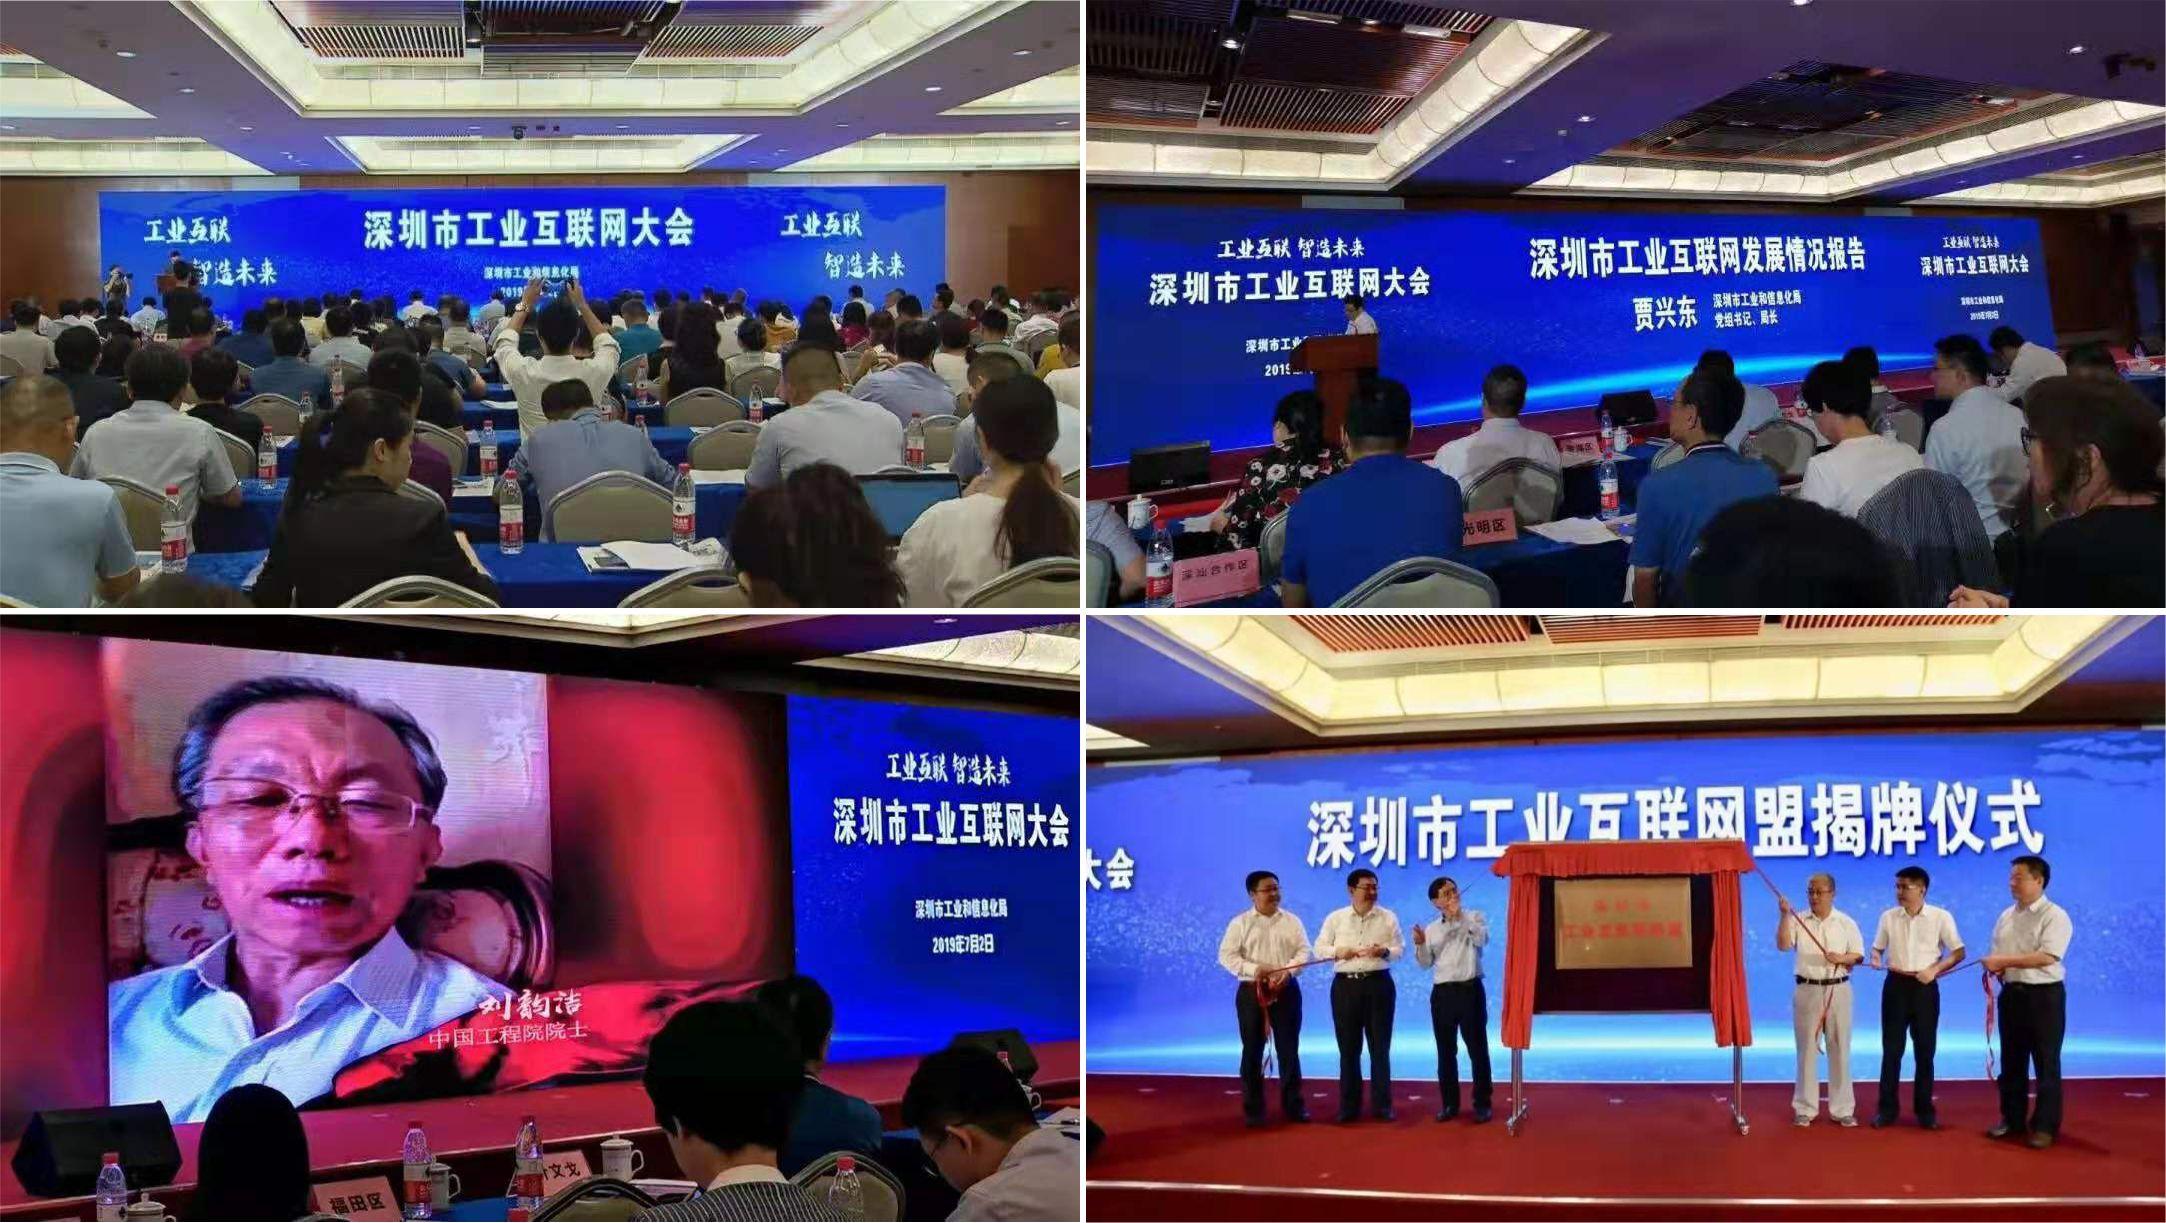 老狗科技入选深圳市工业互联网联盟首批理事单位